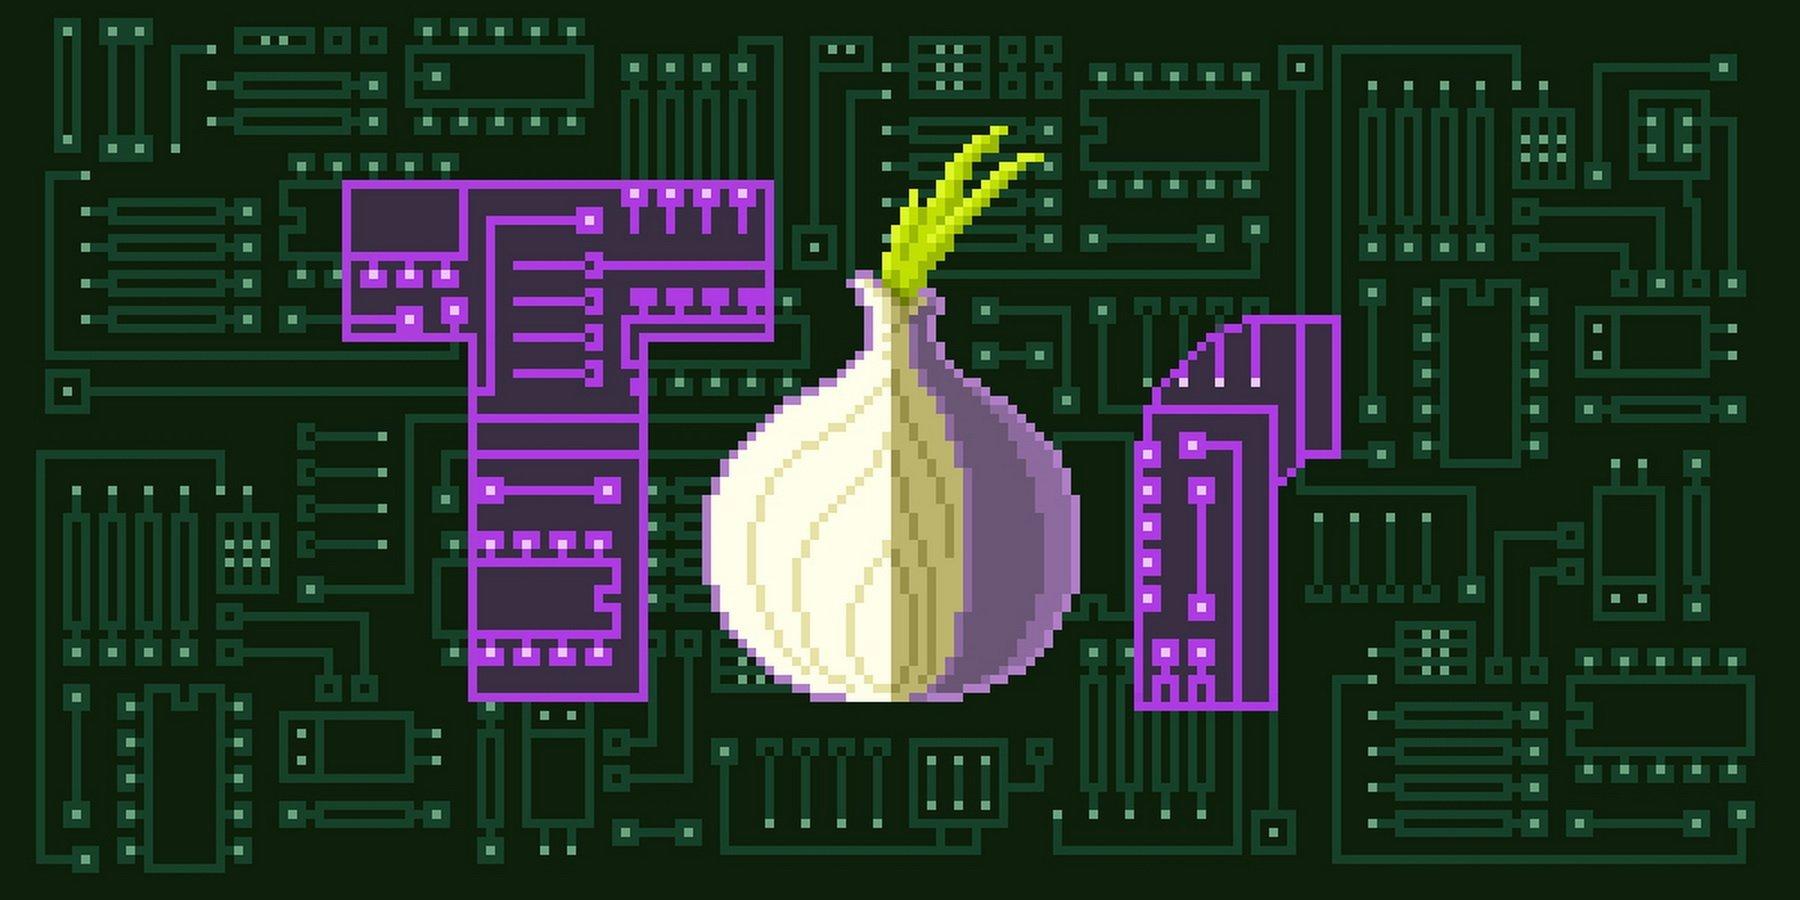 Создание своего Tor-сервиса с кастомным Onion-адресом